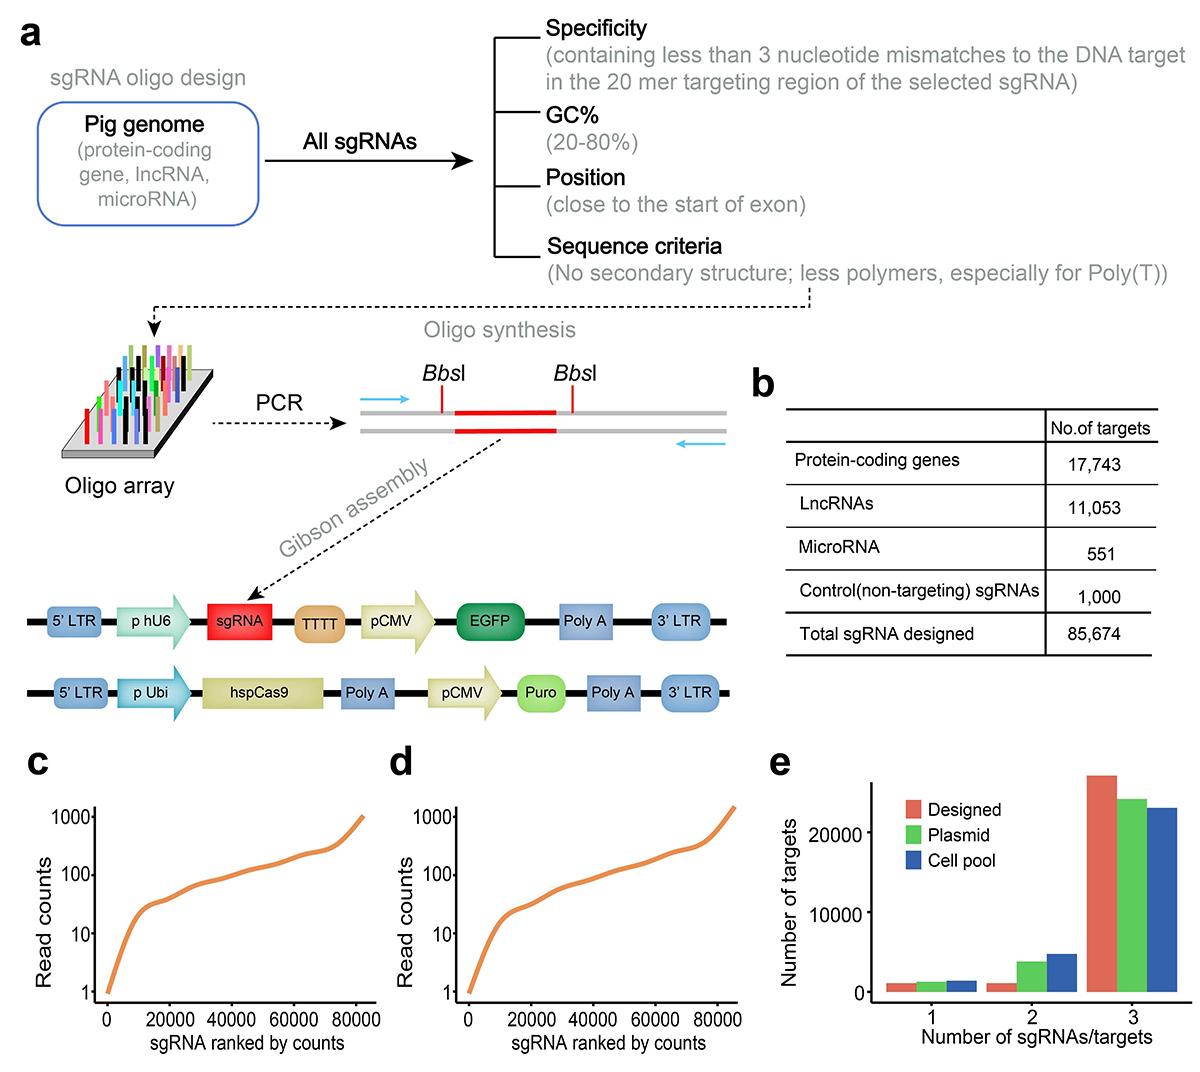 图1. 猪全基因组CRISPR敲除文库(PigGeCKO)设计和构建